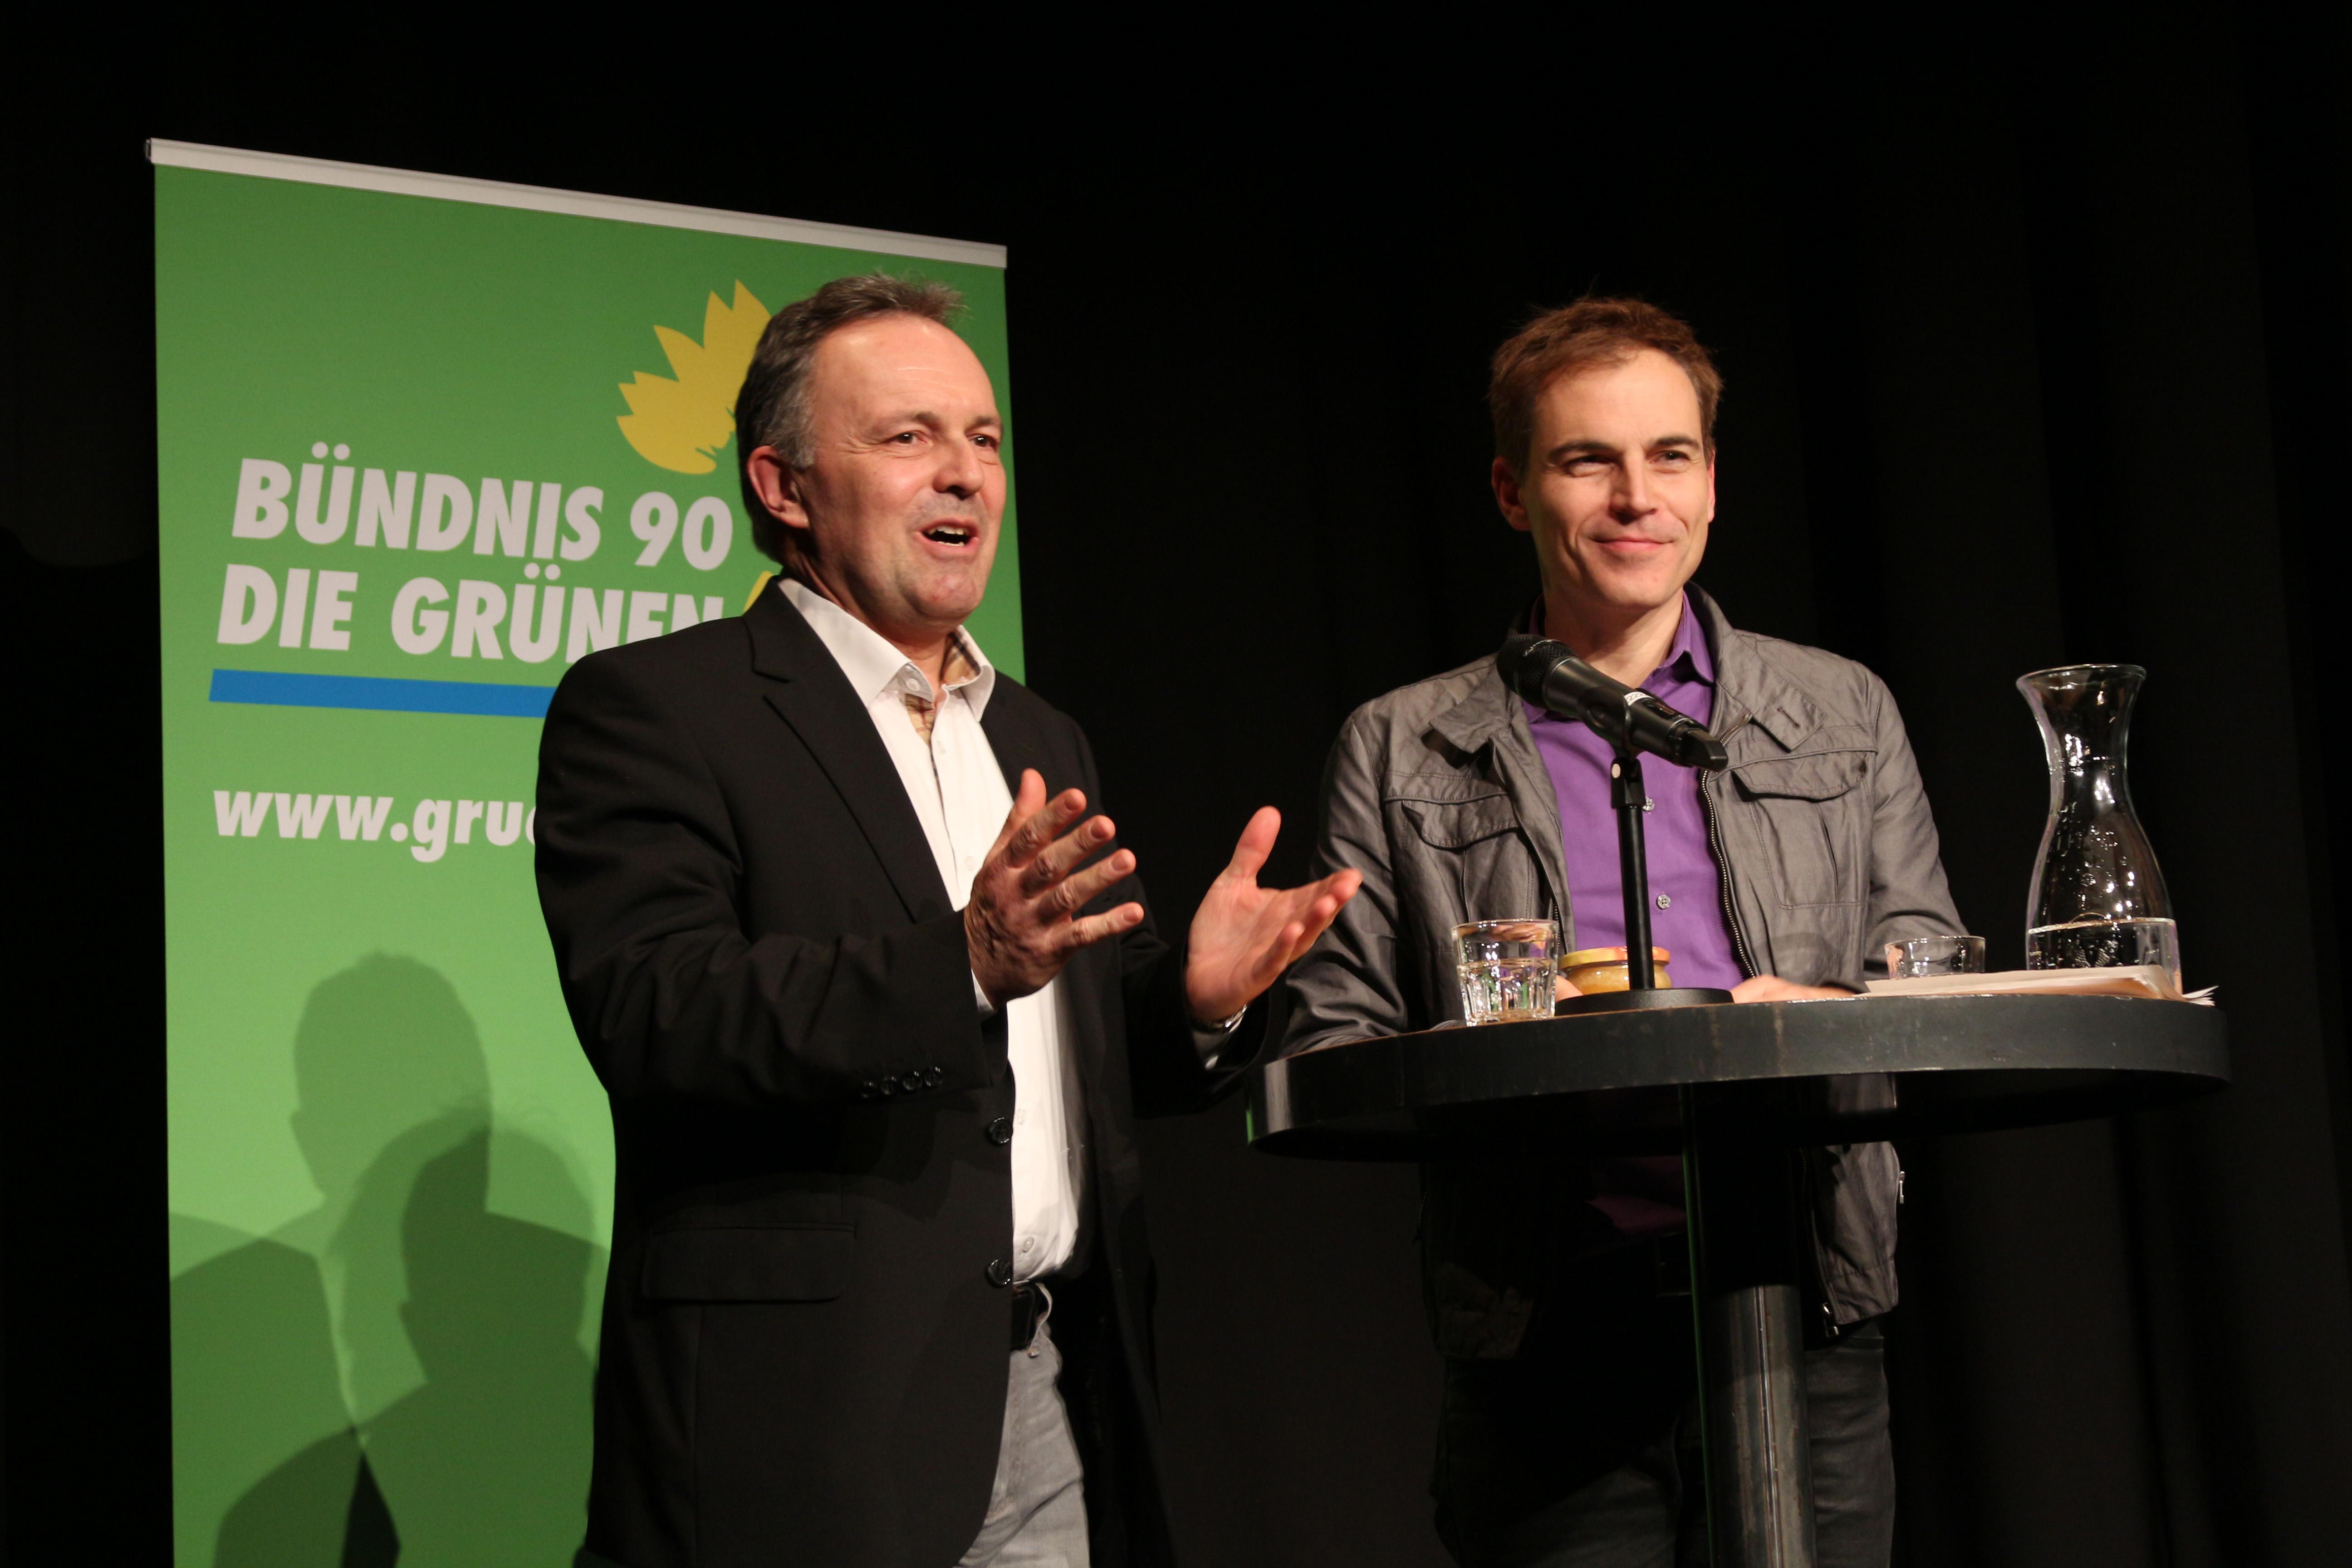 Werkraum Schöpflin - Josha Frey und Gerhard Schick - 01